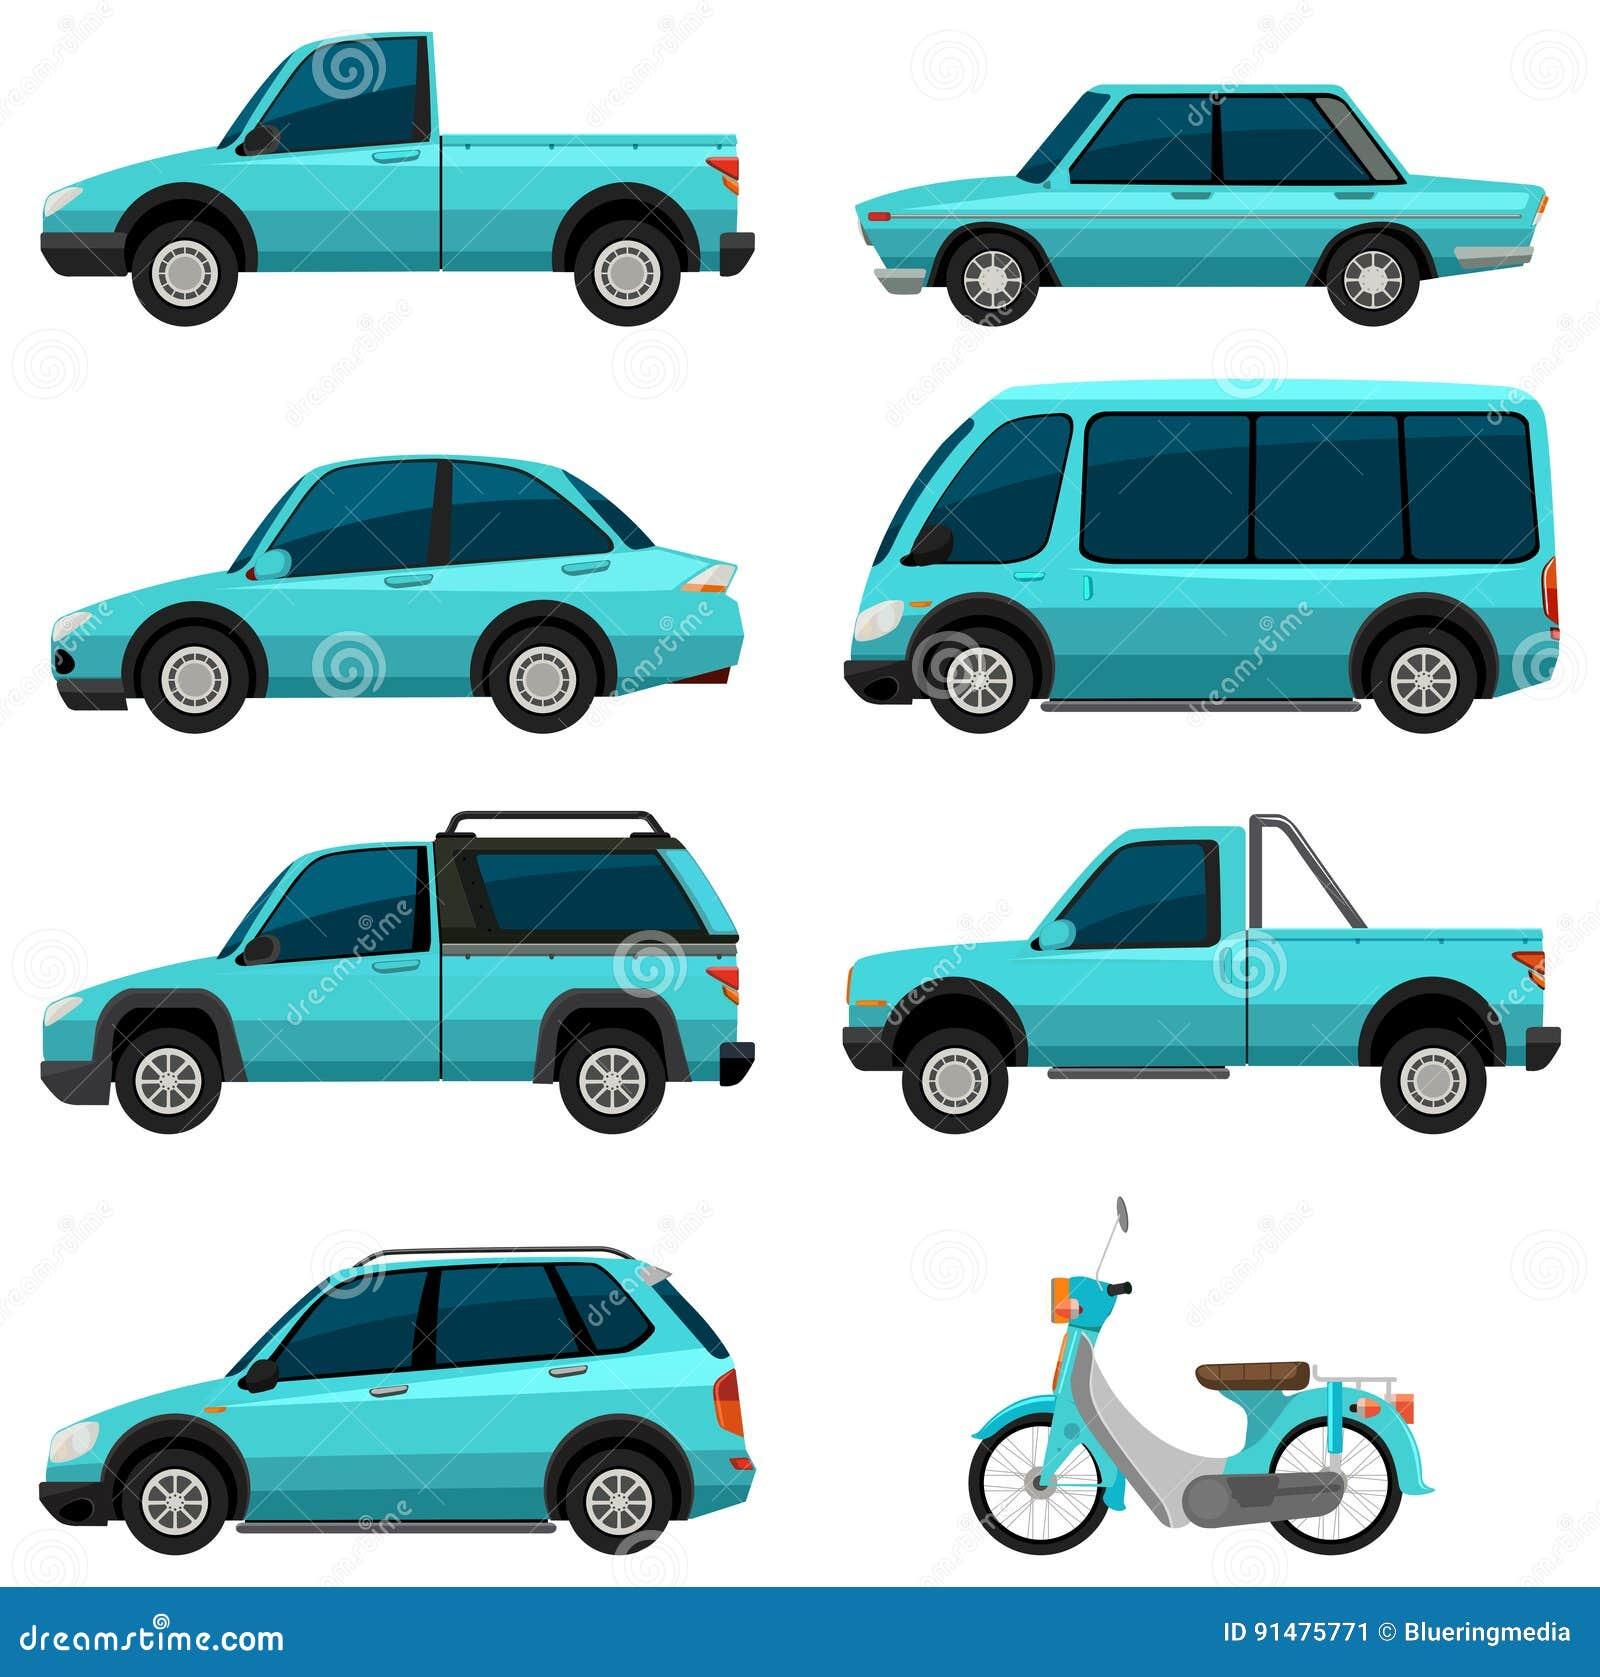 different types of transportations in light blue color. Black Bedroom Furniture Sets. Home Design Ideas